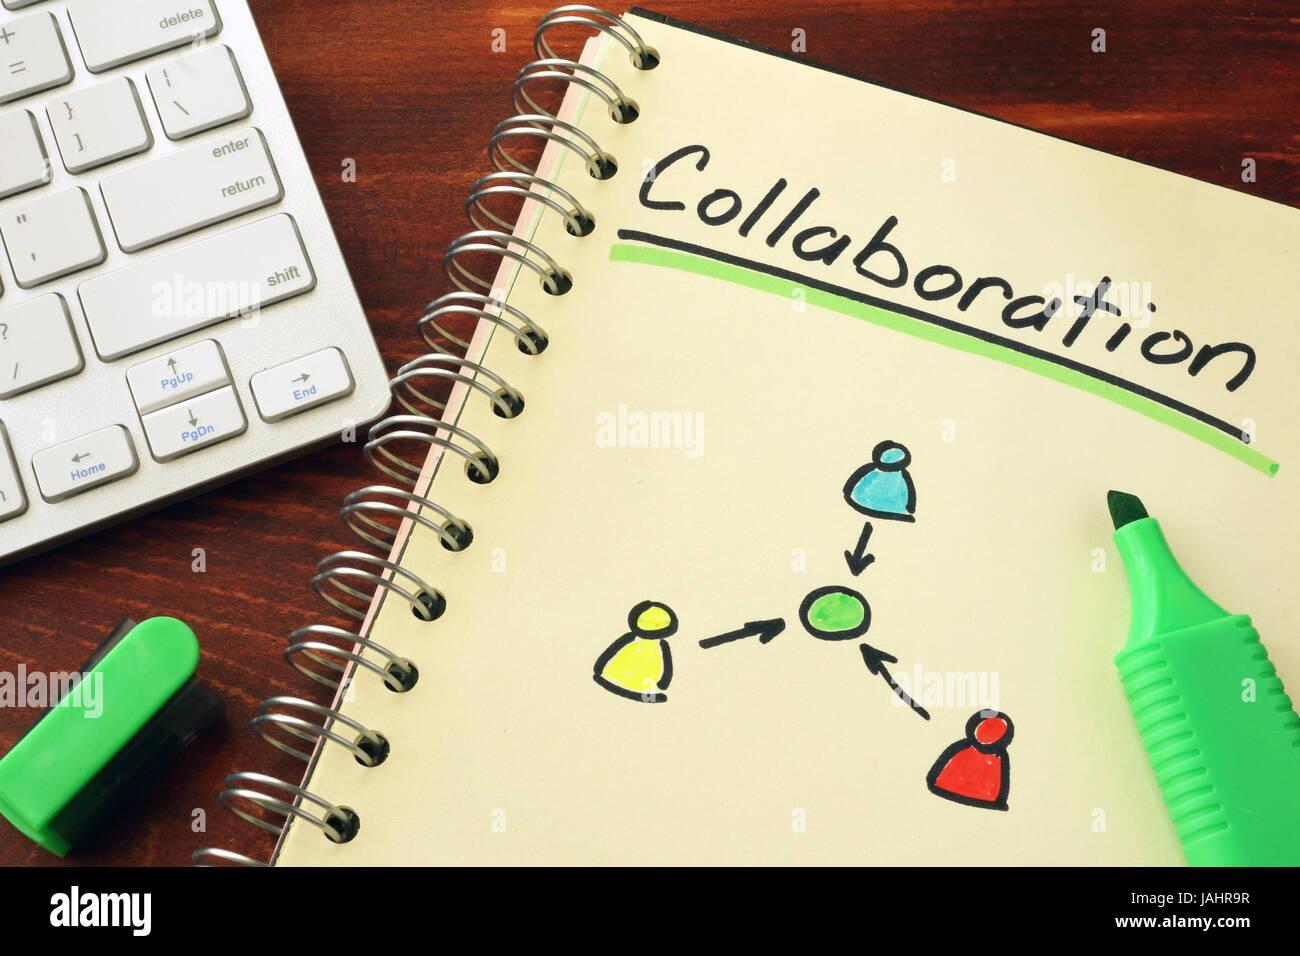 Le bloc-notes avec word la collaboration. Concept d'équipe de coopération. Photo Stock